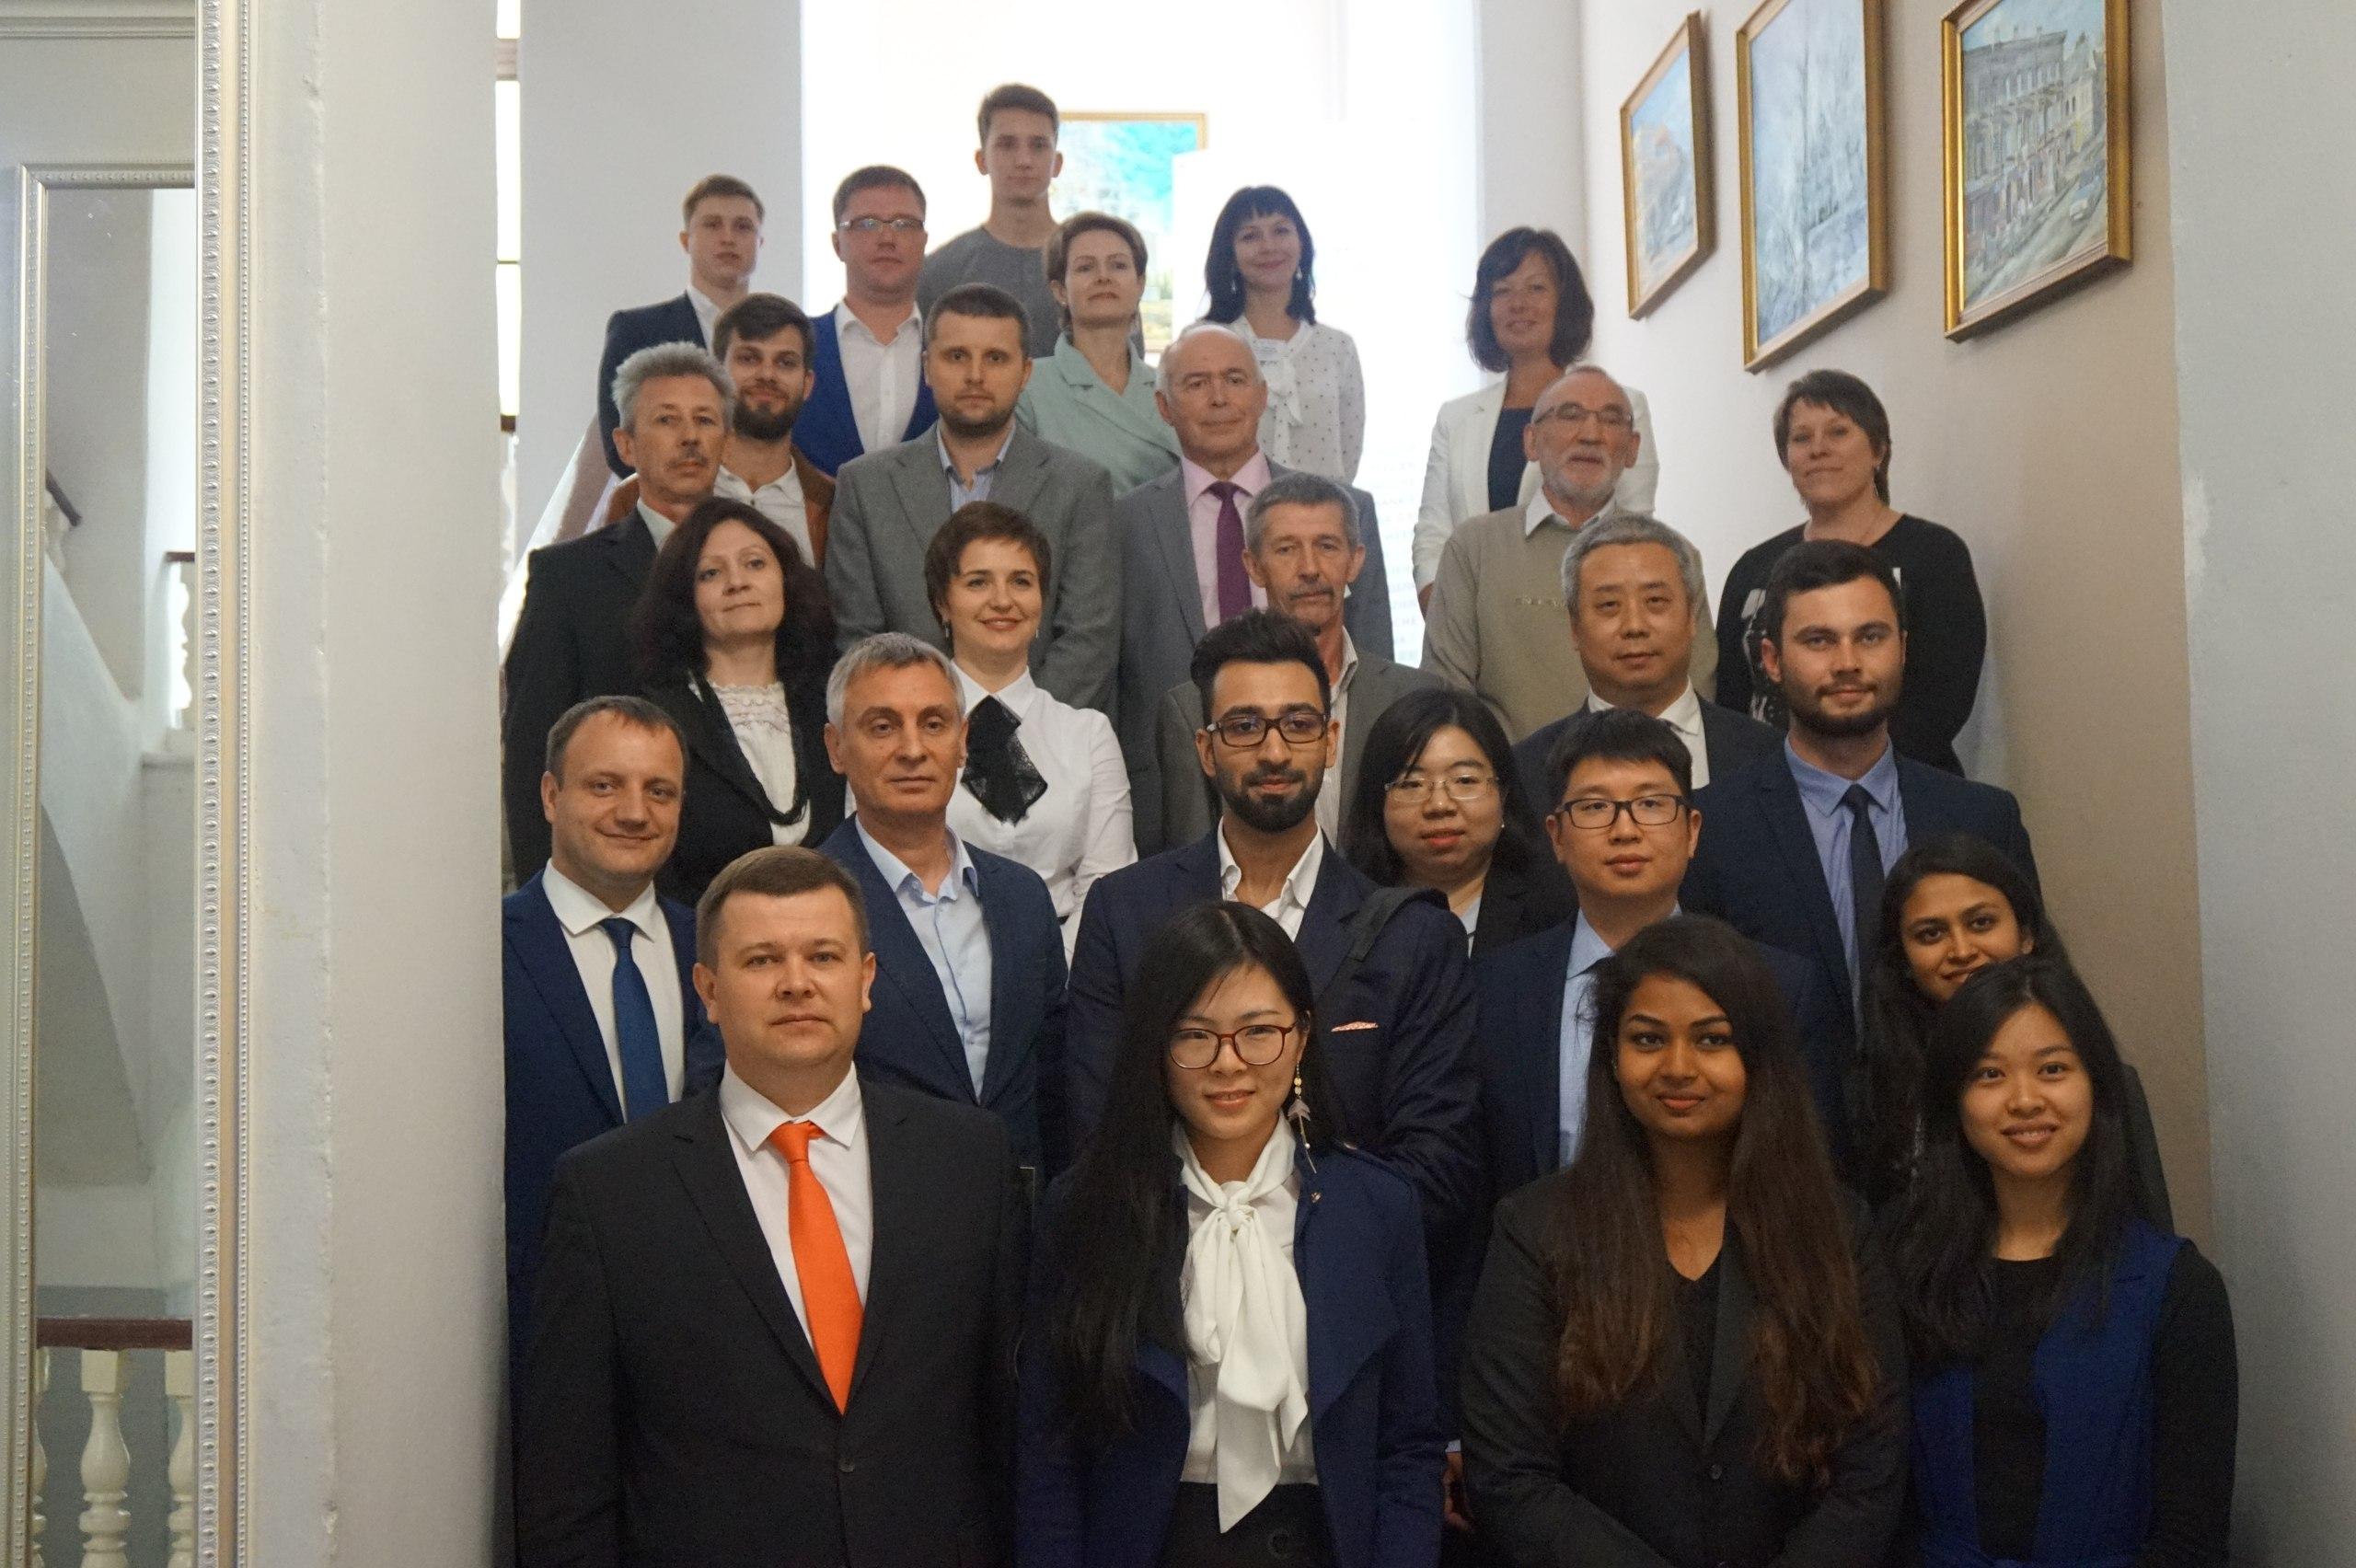 НовГУ стал центром притяжения для молодых юристов из стран БРИКС